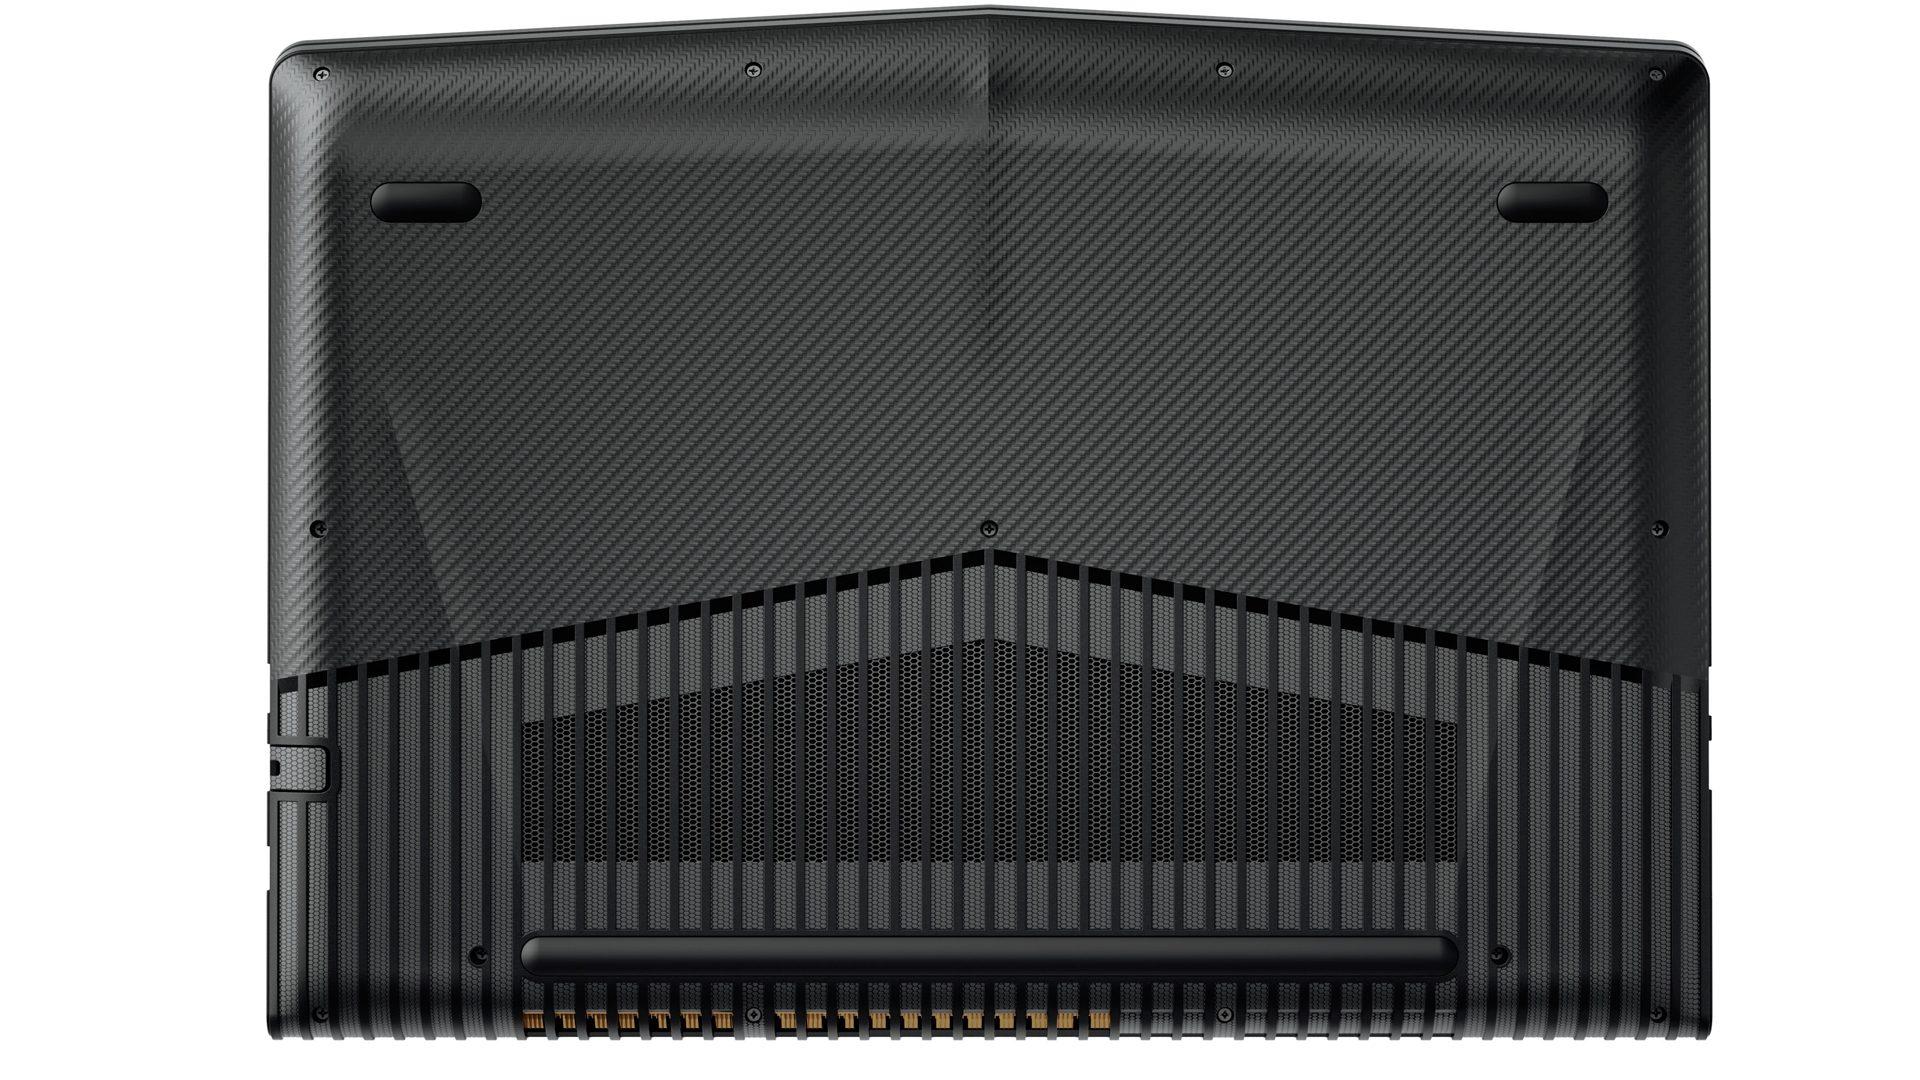 Lenovo y520-15ikba Ansichten_5